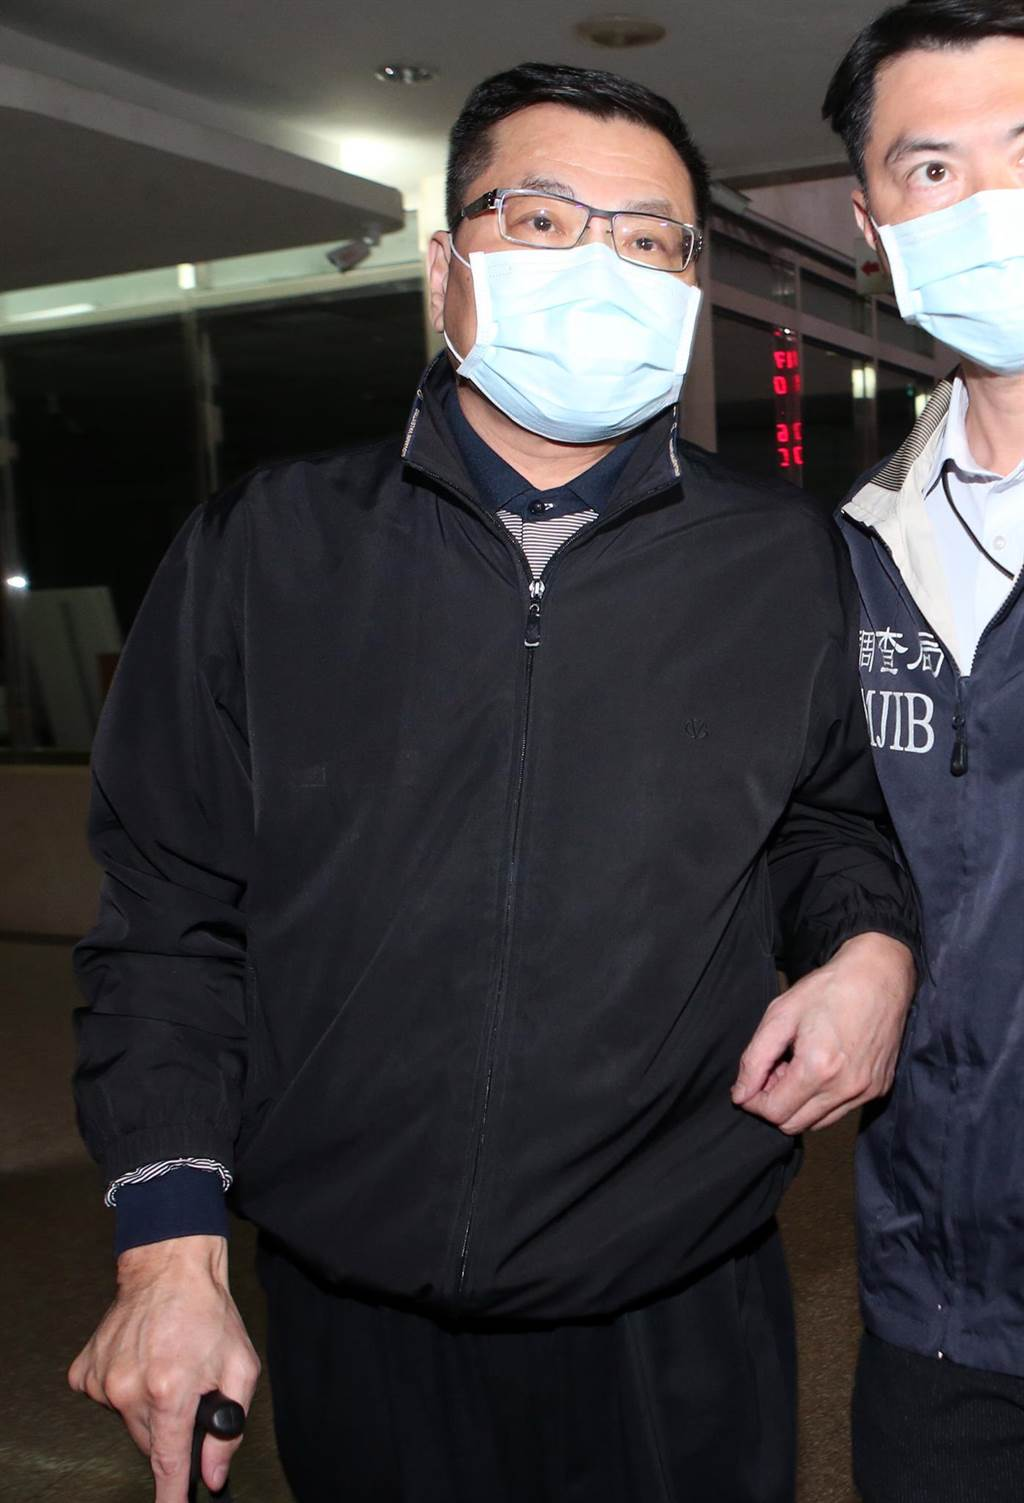 明師中醫診所集團創辦人李一宏(見圖)移送北檢複訊  。(趙雙傑攝)